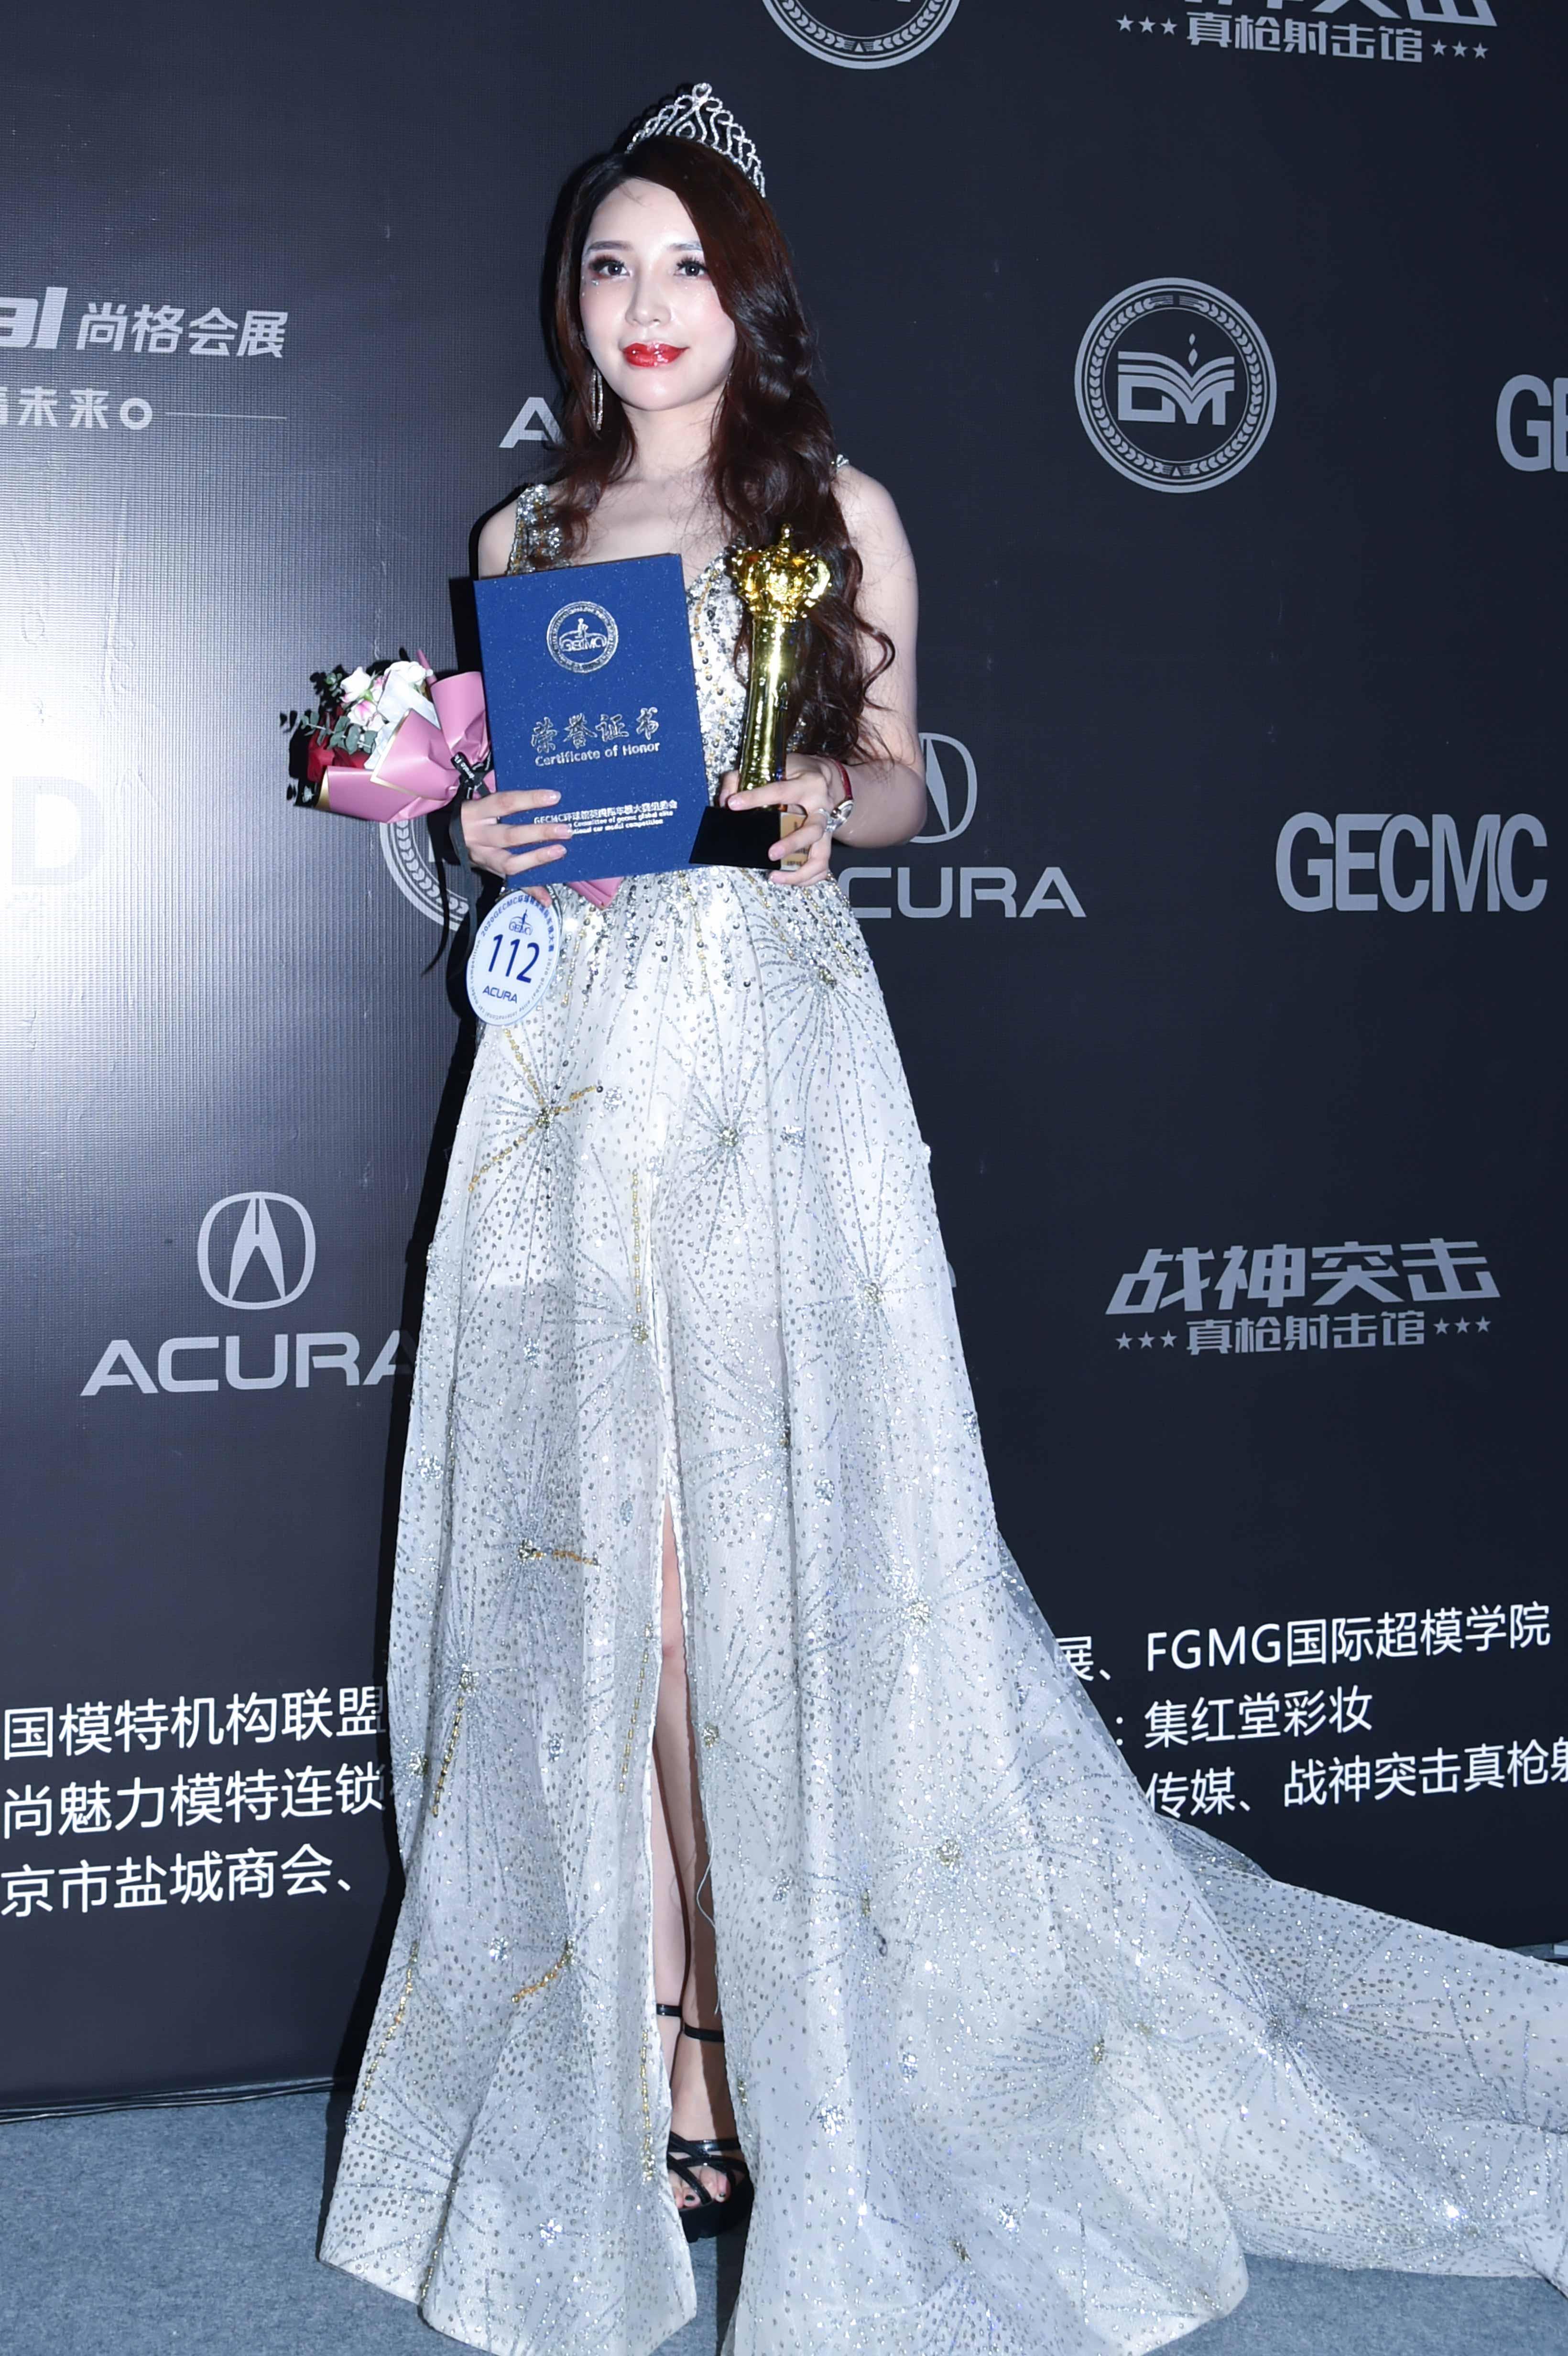 祝贺熊晓青——获得2020环球精英国际车模大赛全国总冠军